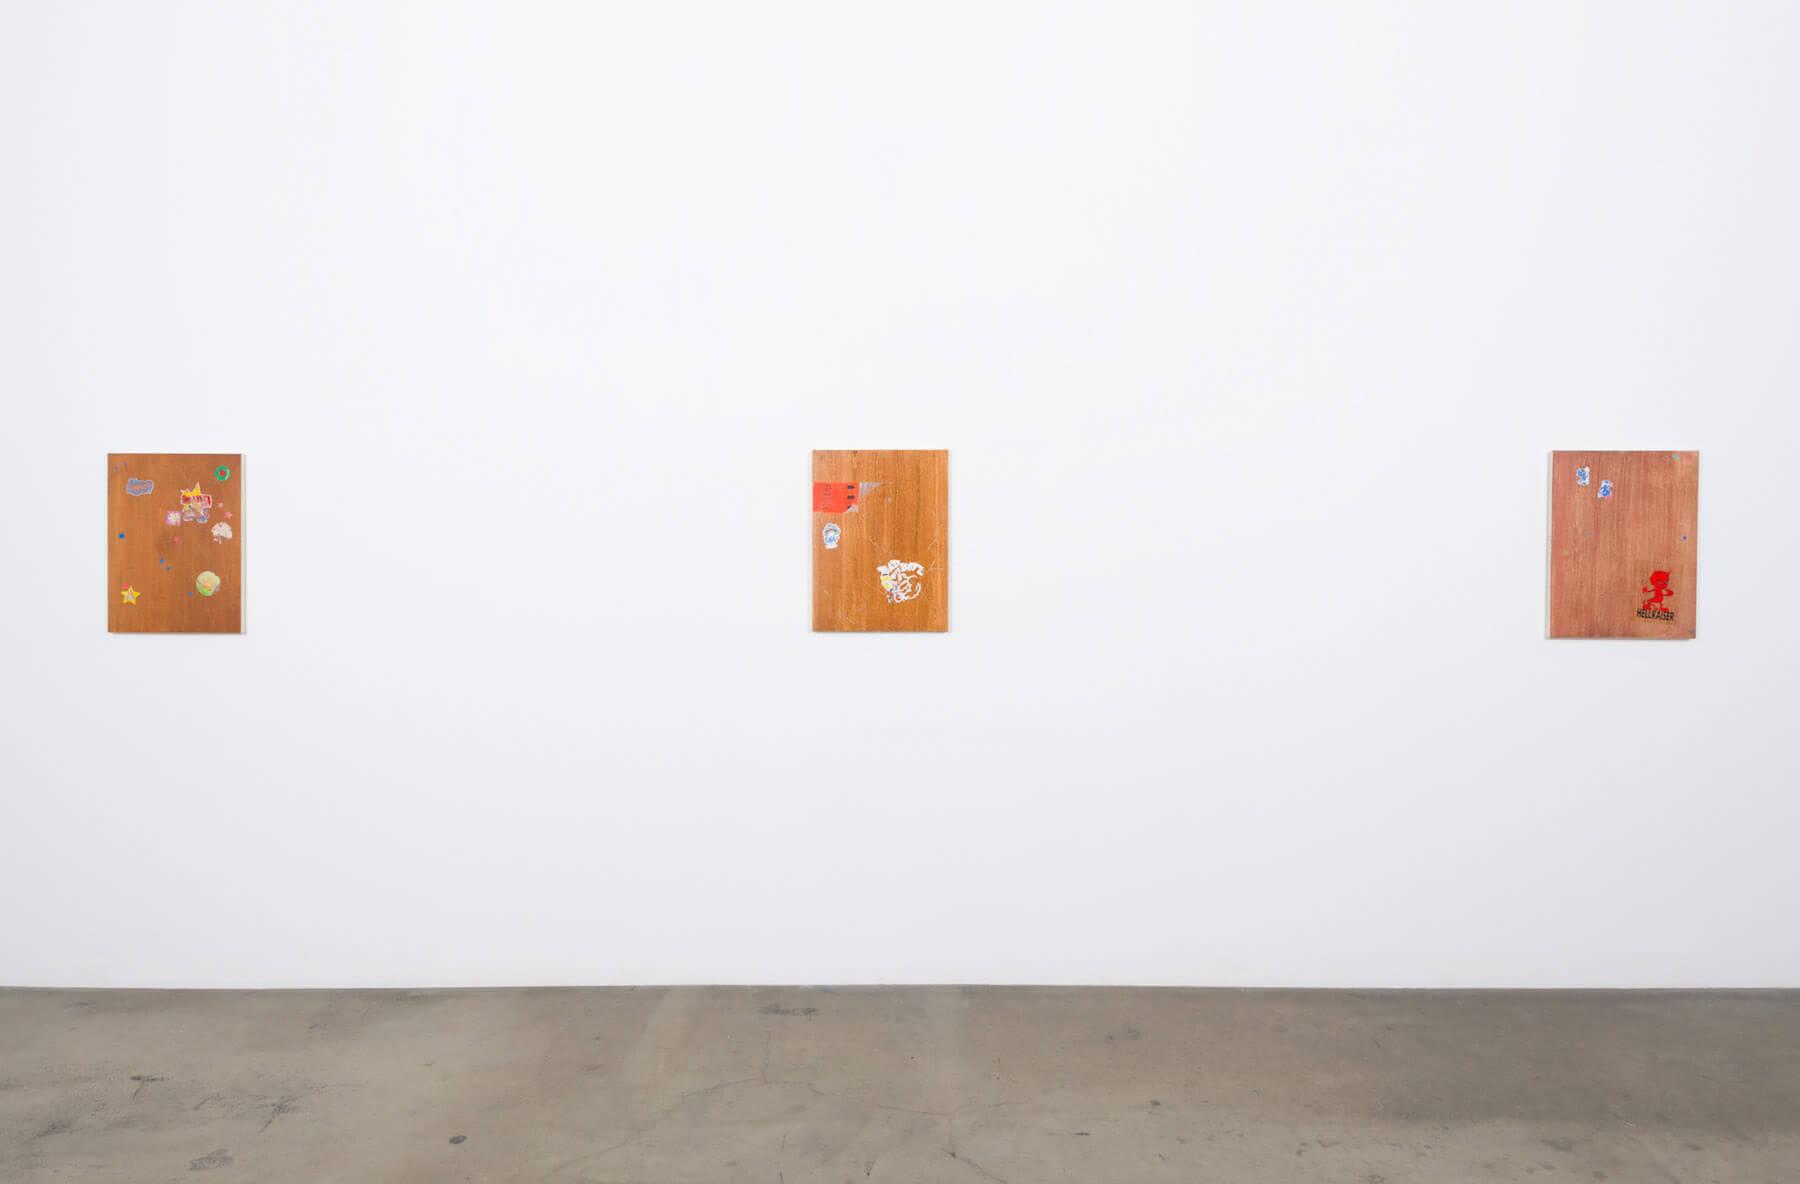 12_Sayre Gomez, installation view, Ghebaly Gallery